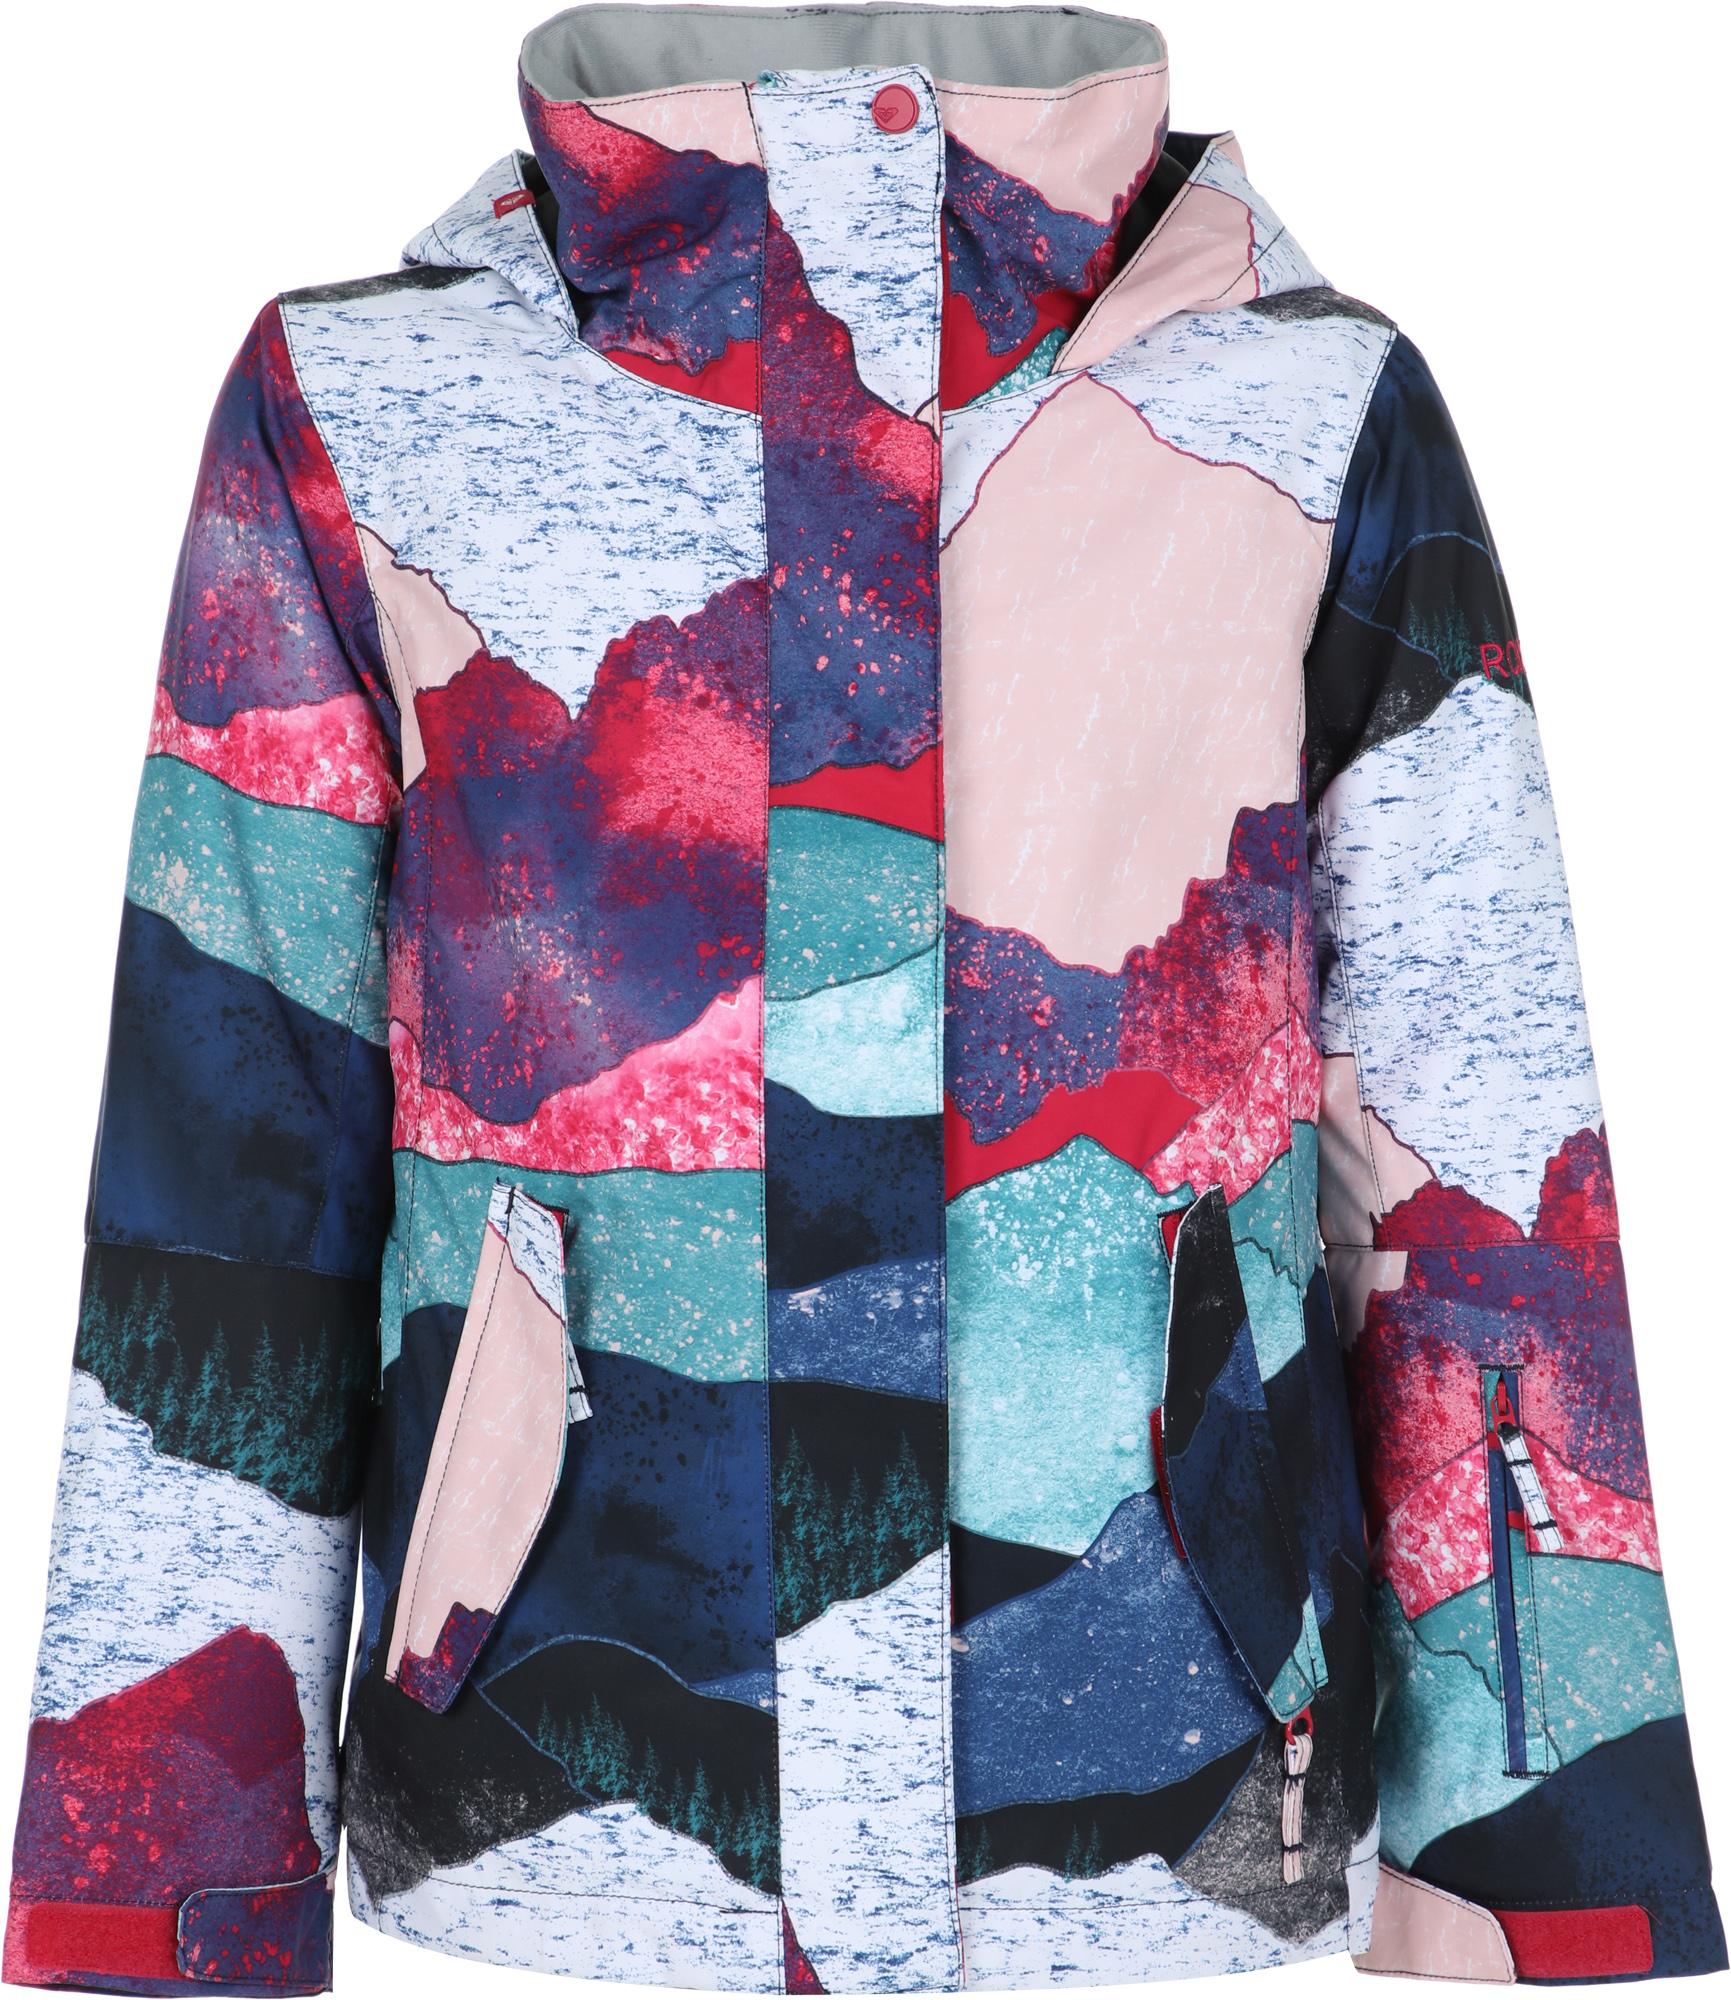 Roxy Куртка утепленная для девочек Roxy Jetty Girl, размер 164